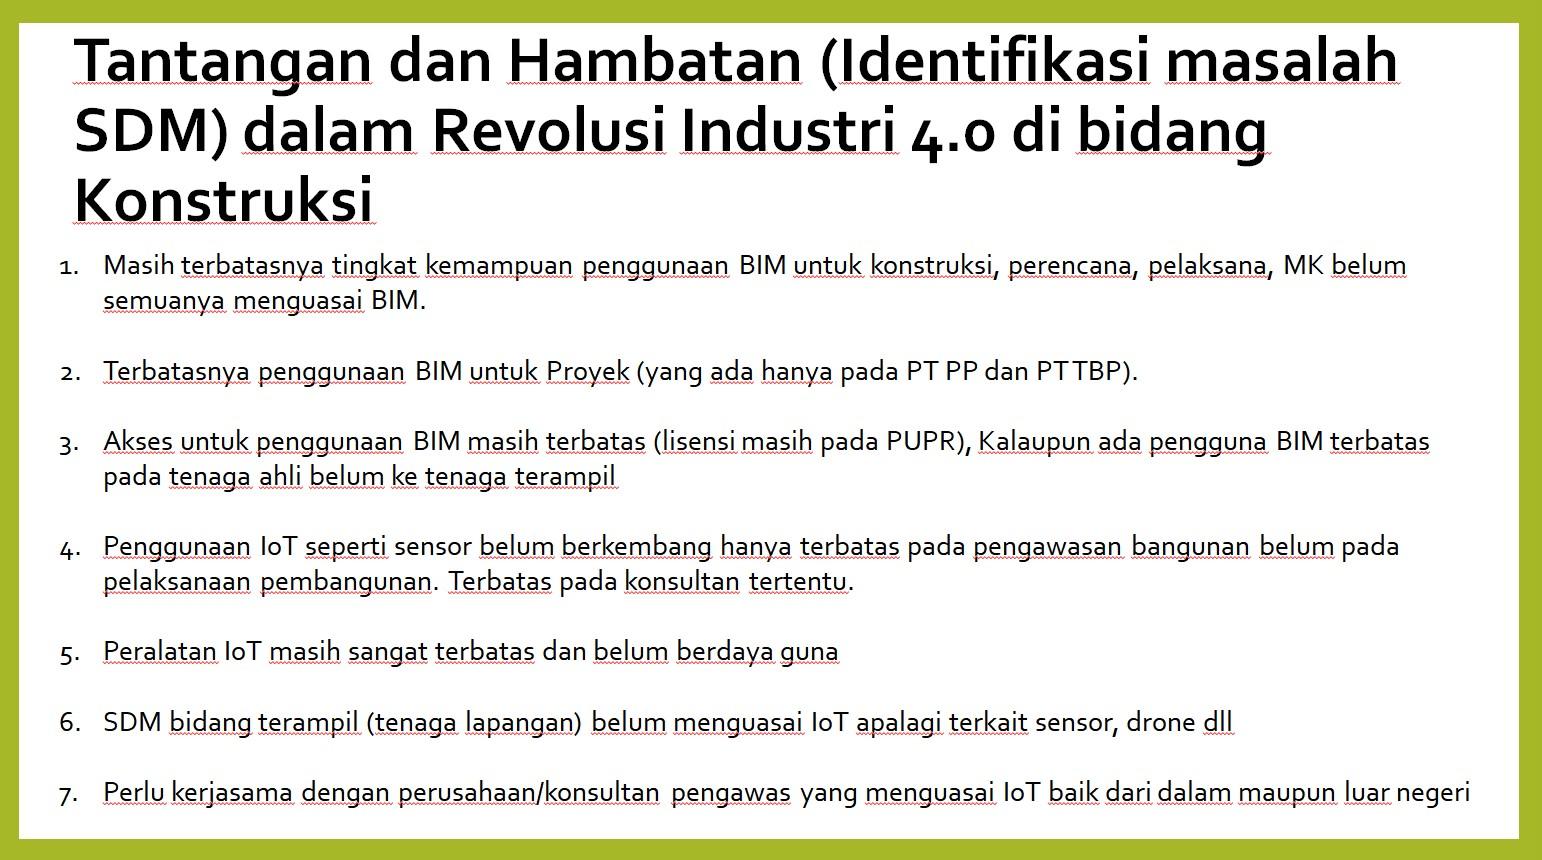 revolusi-industri-5